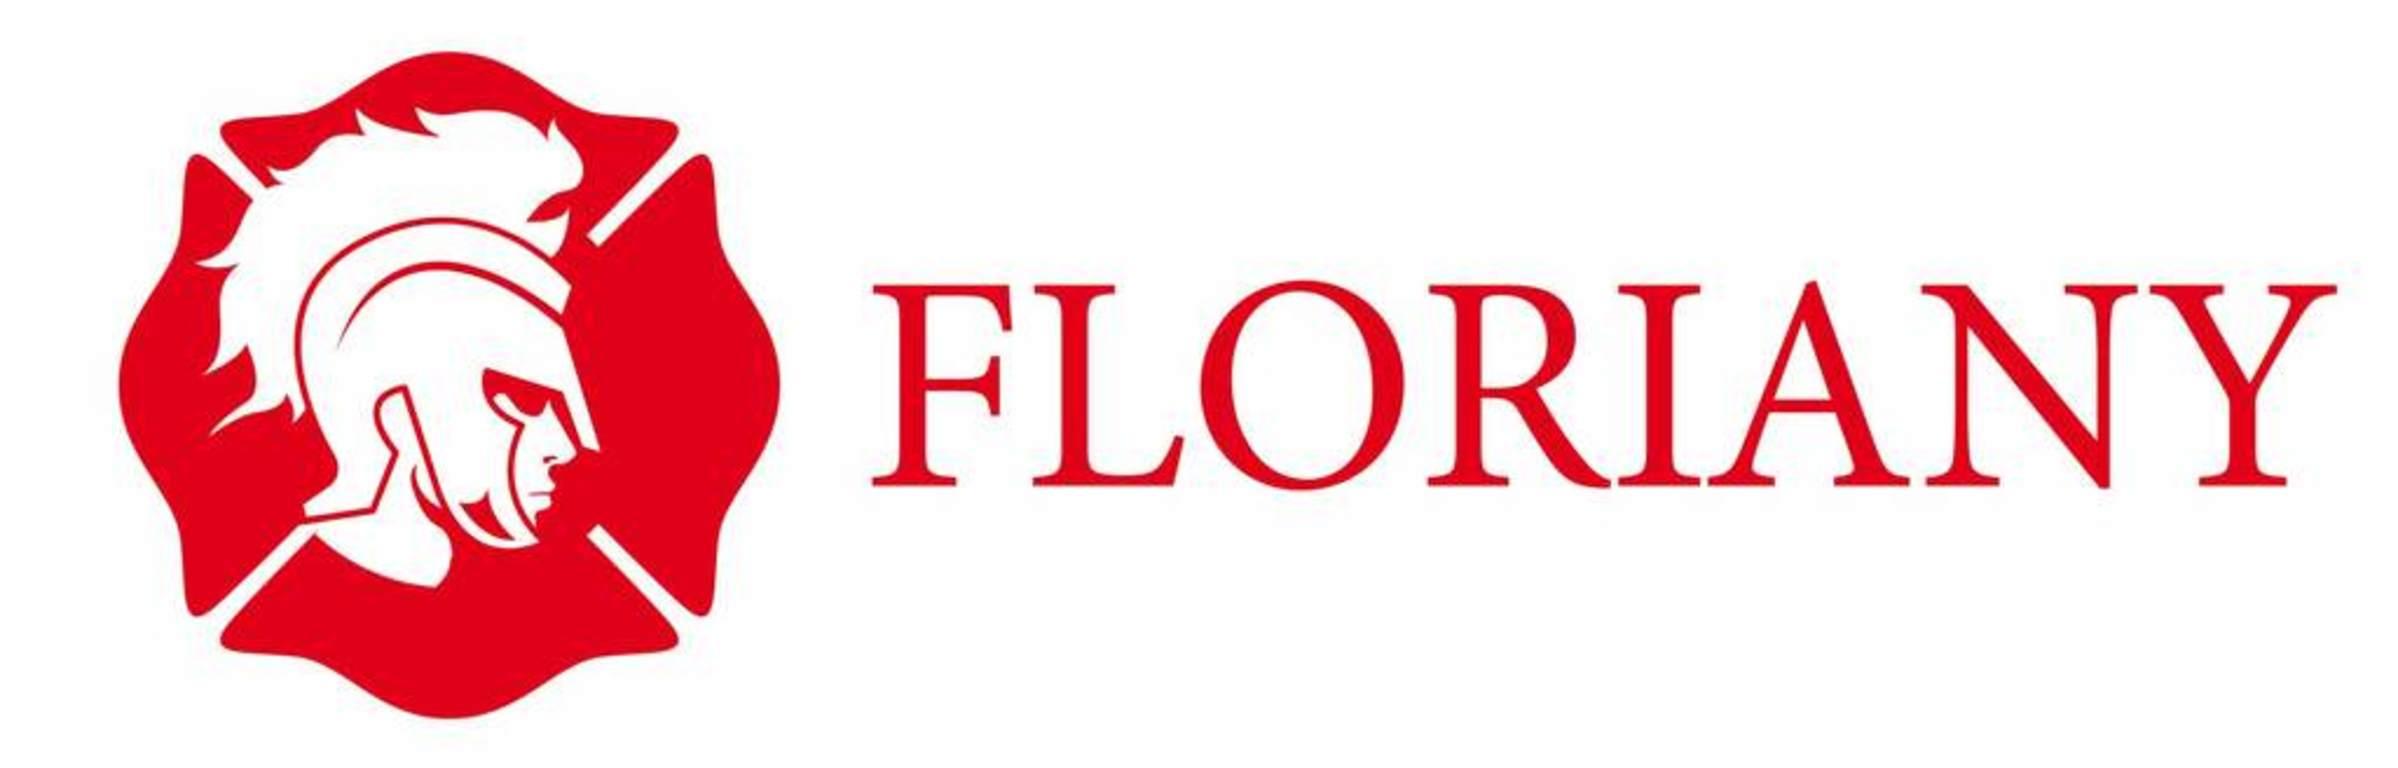 logofloriany.jpg